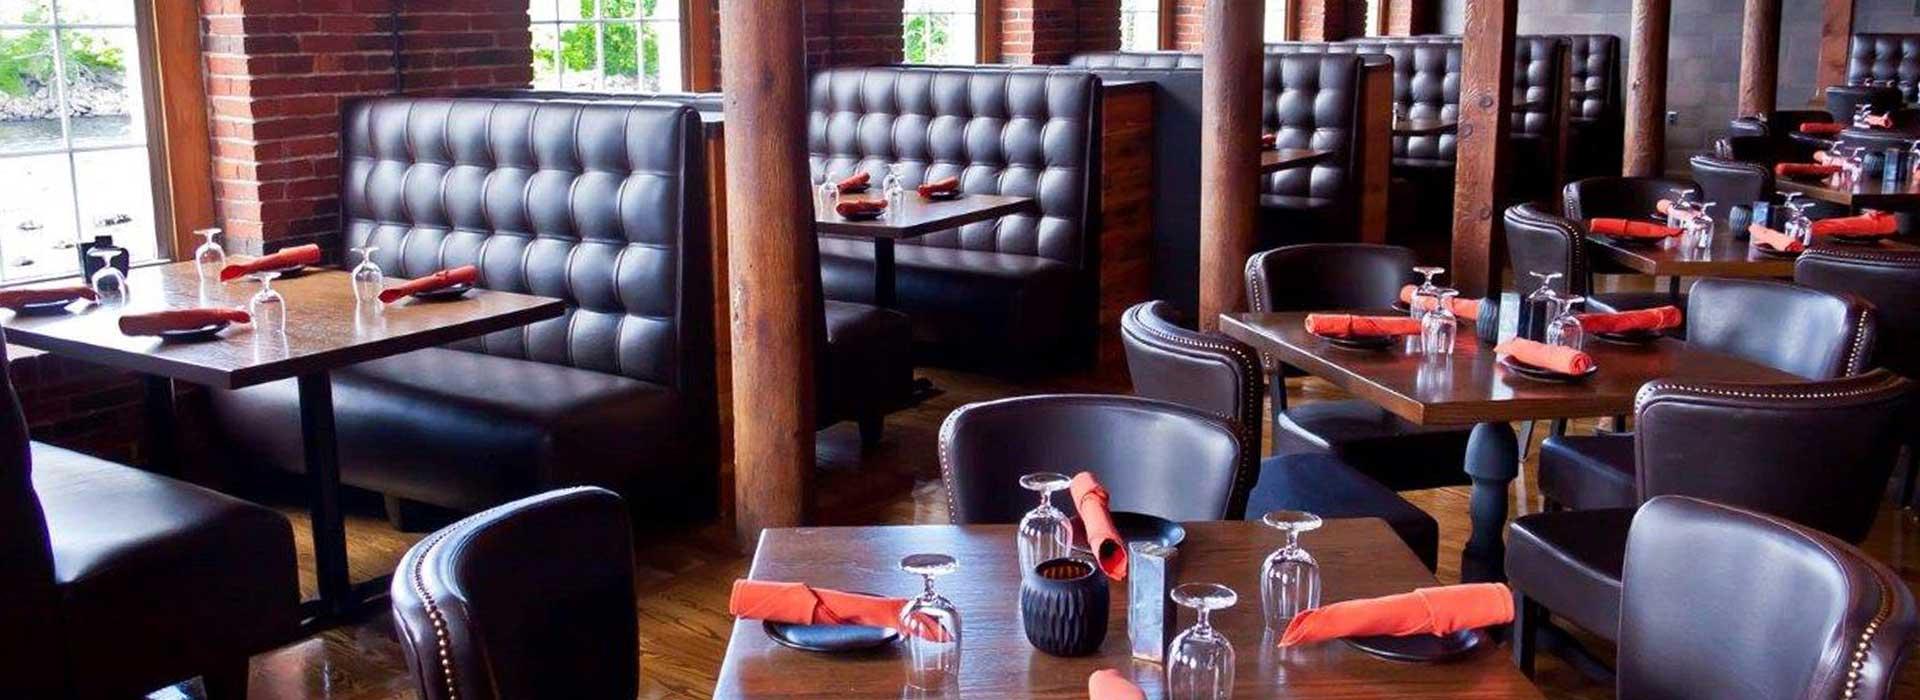 Restaurantbooths Slidenes4